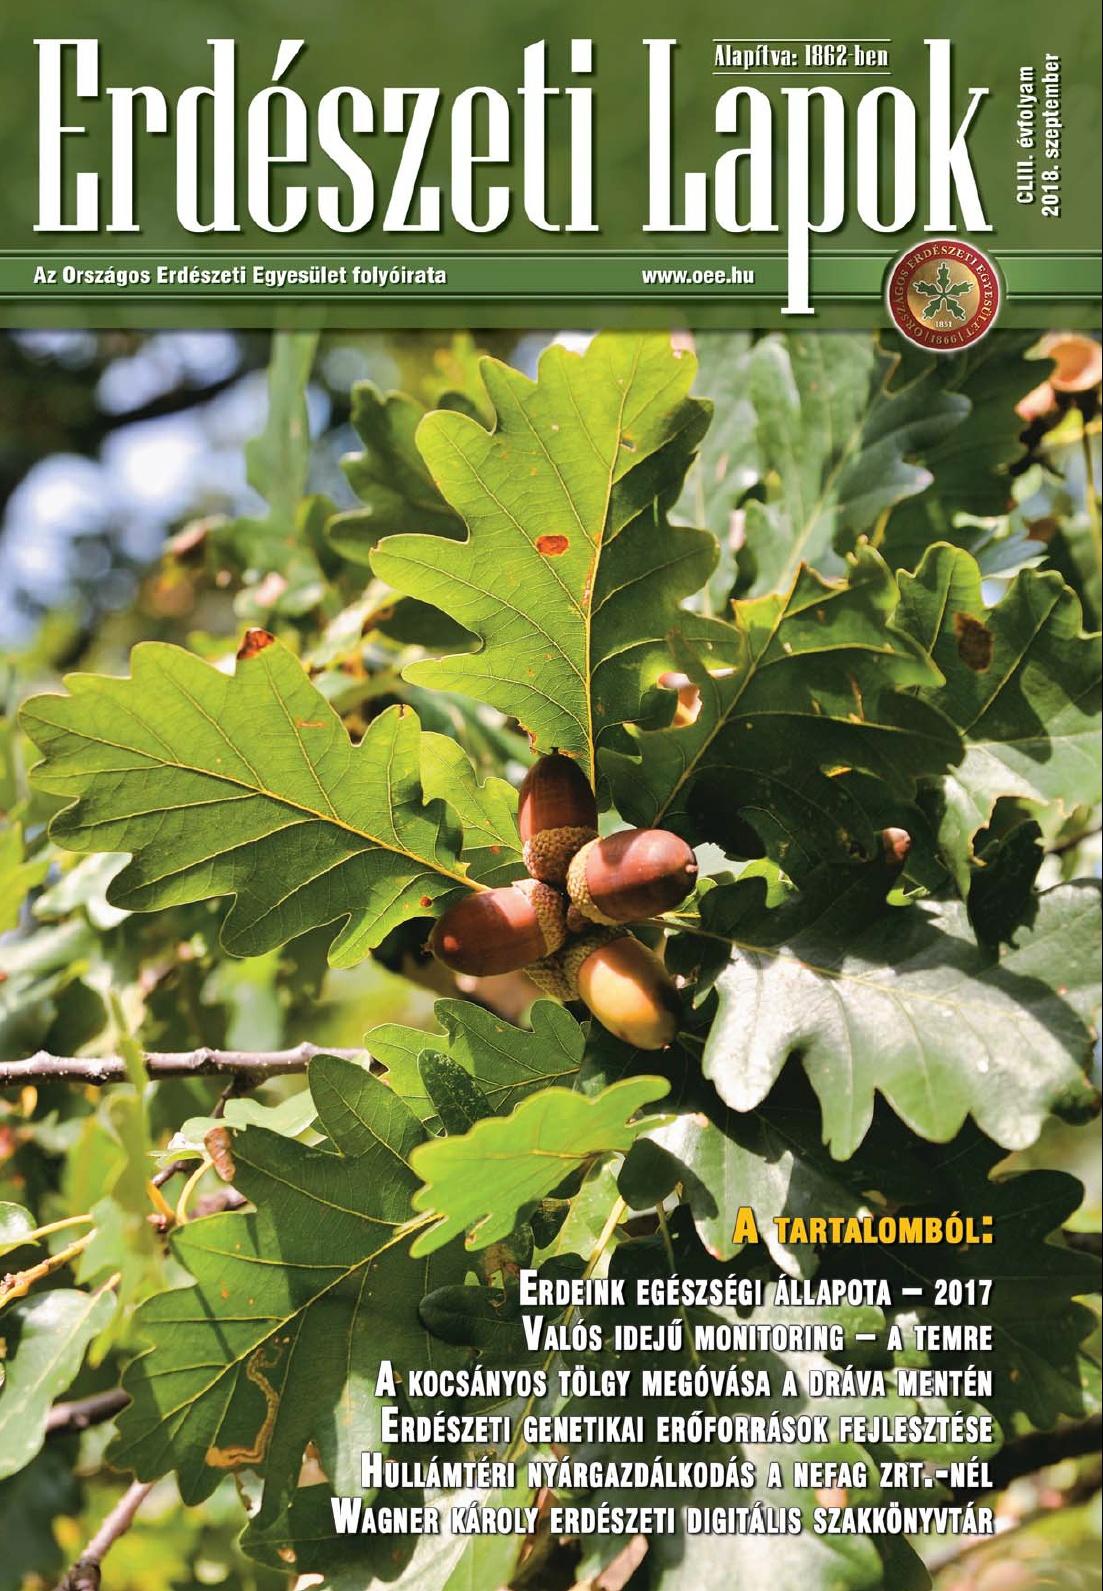 Erdészeti Lapok - 153. évfolyam - 2018. szeptember